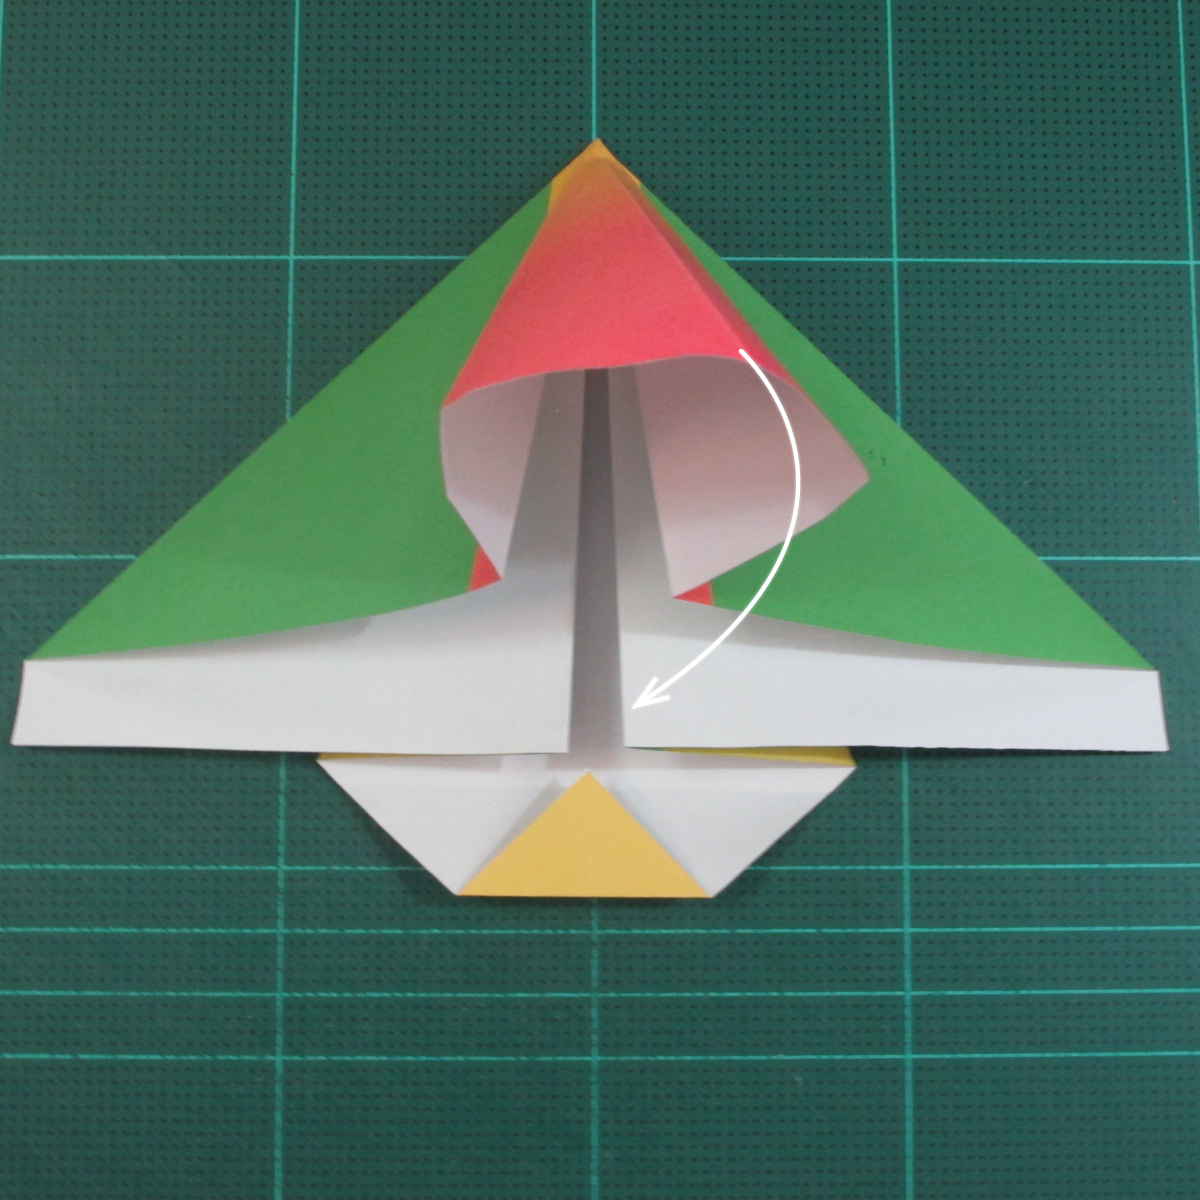 วิธีพับกระดาษเป็นรูปนกแก้ว (Origami Parrot) 012